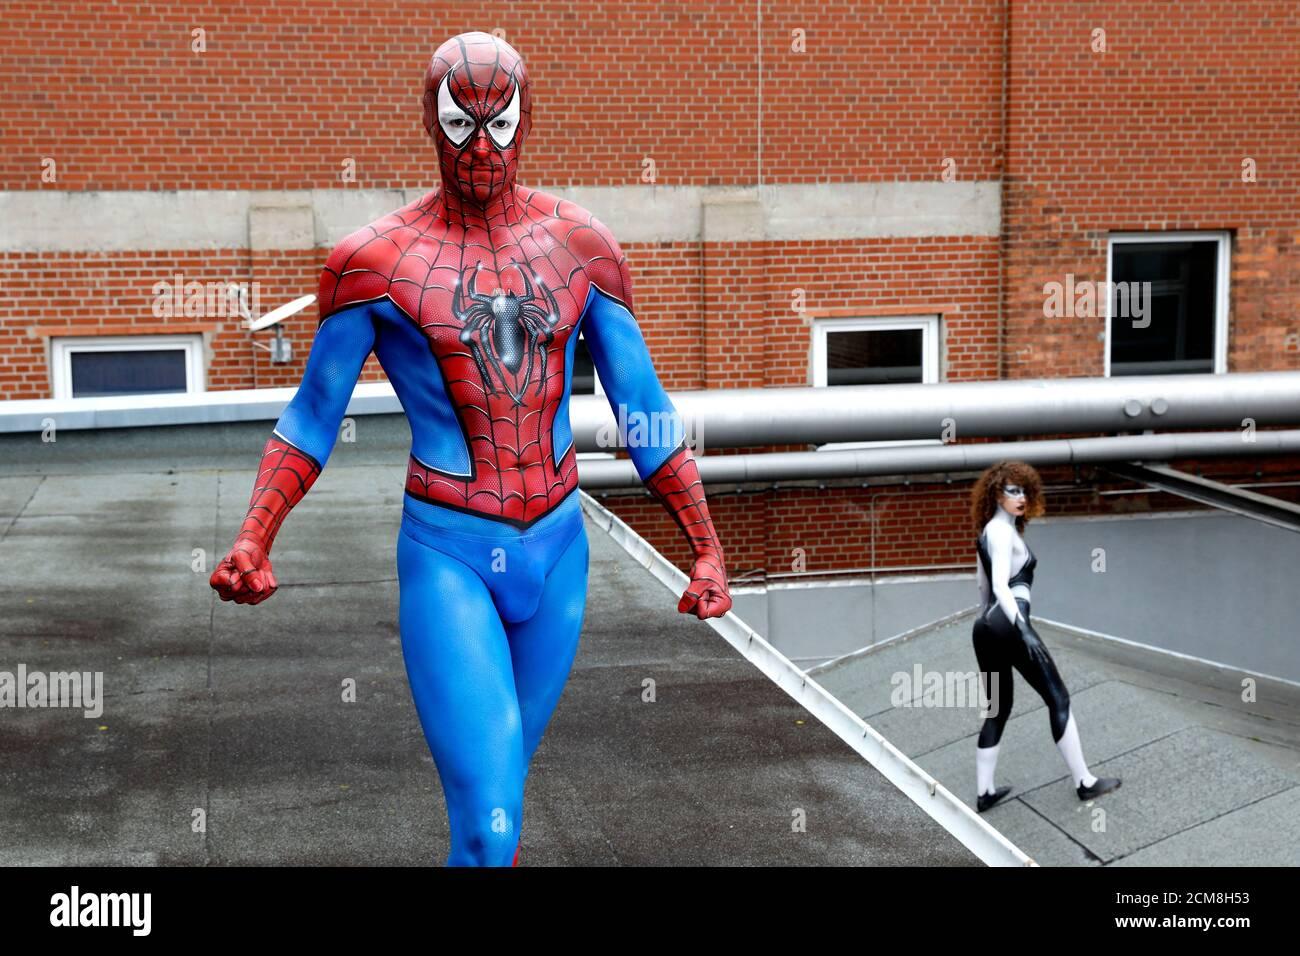 GEEK ART - Bodypainting and Transformaking: Spider-Man and Spider-Gwen photoshooting avec Patrick Kiel et Lena Kiel au Hefehof à Hamelin le 15 septembre 2020 - UN projet du photographe Tschiponnique Skupin et du peintre du corps Enrico Lein Banque D'Images